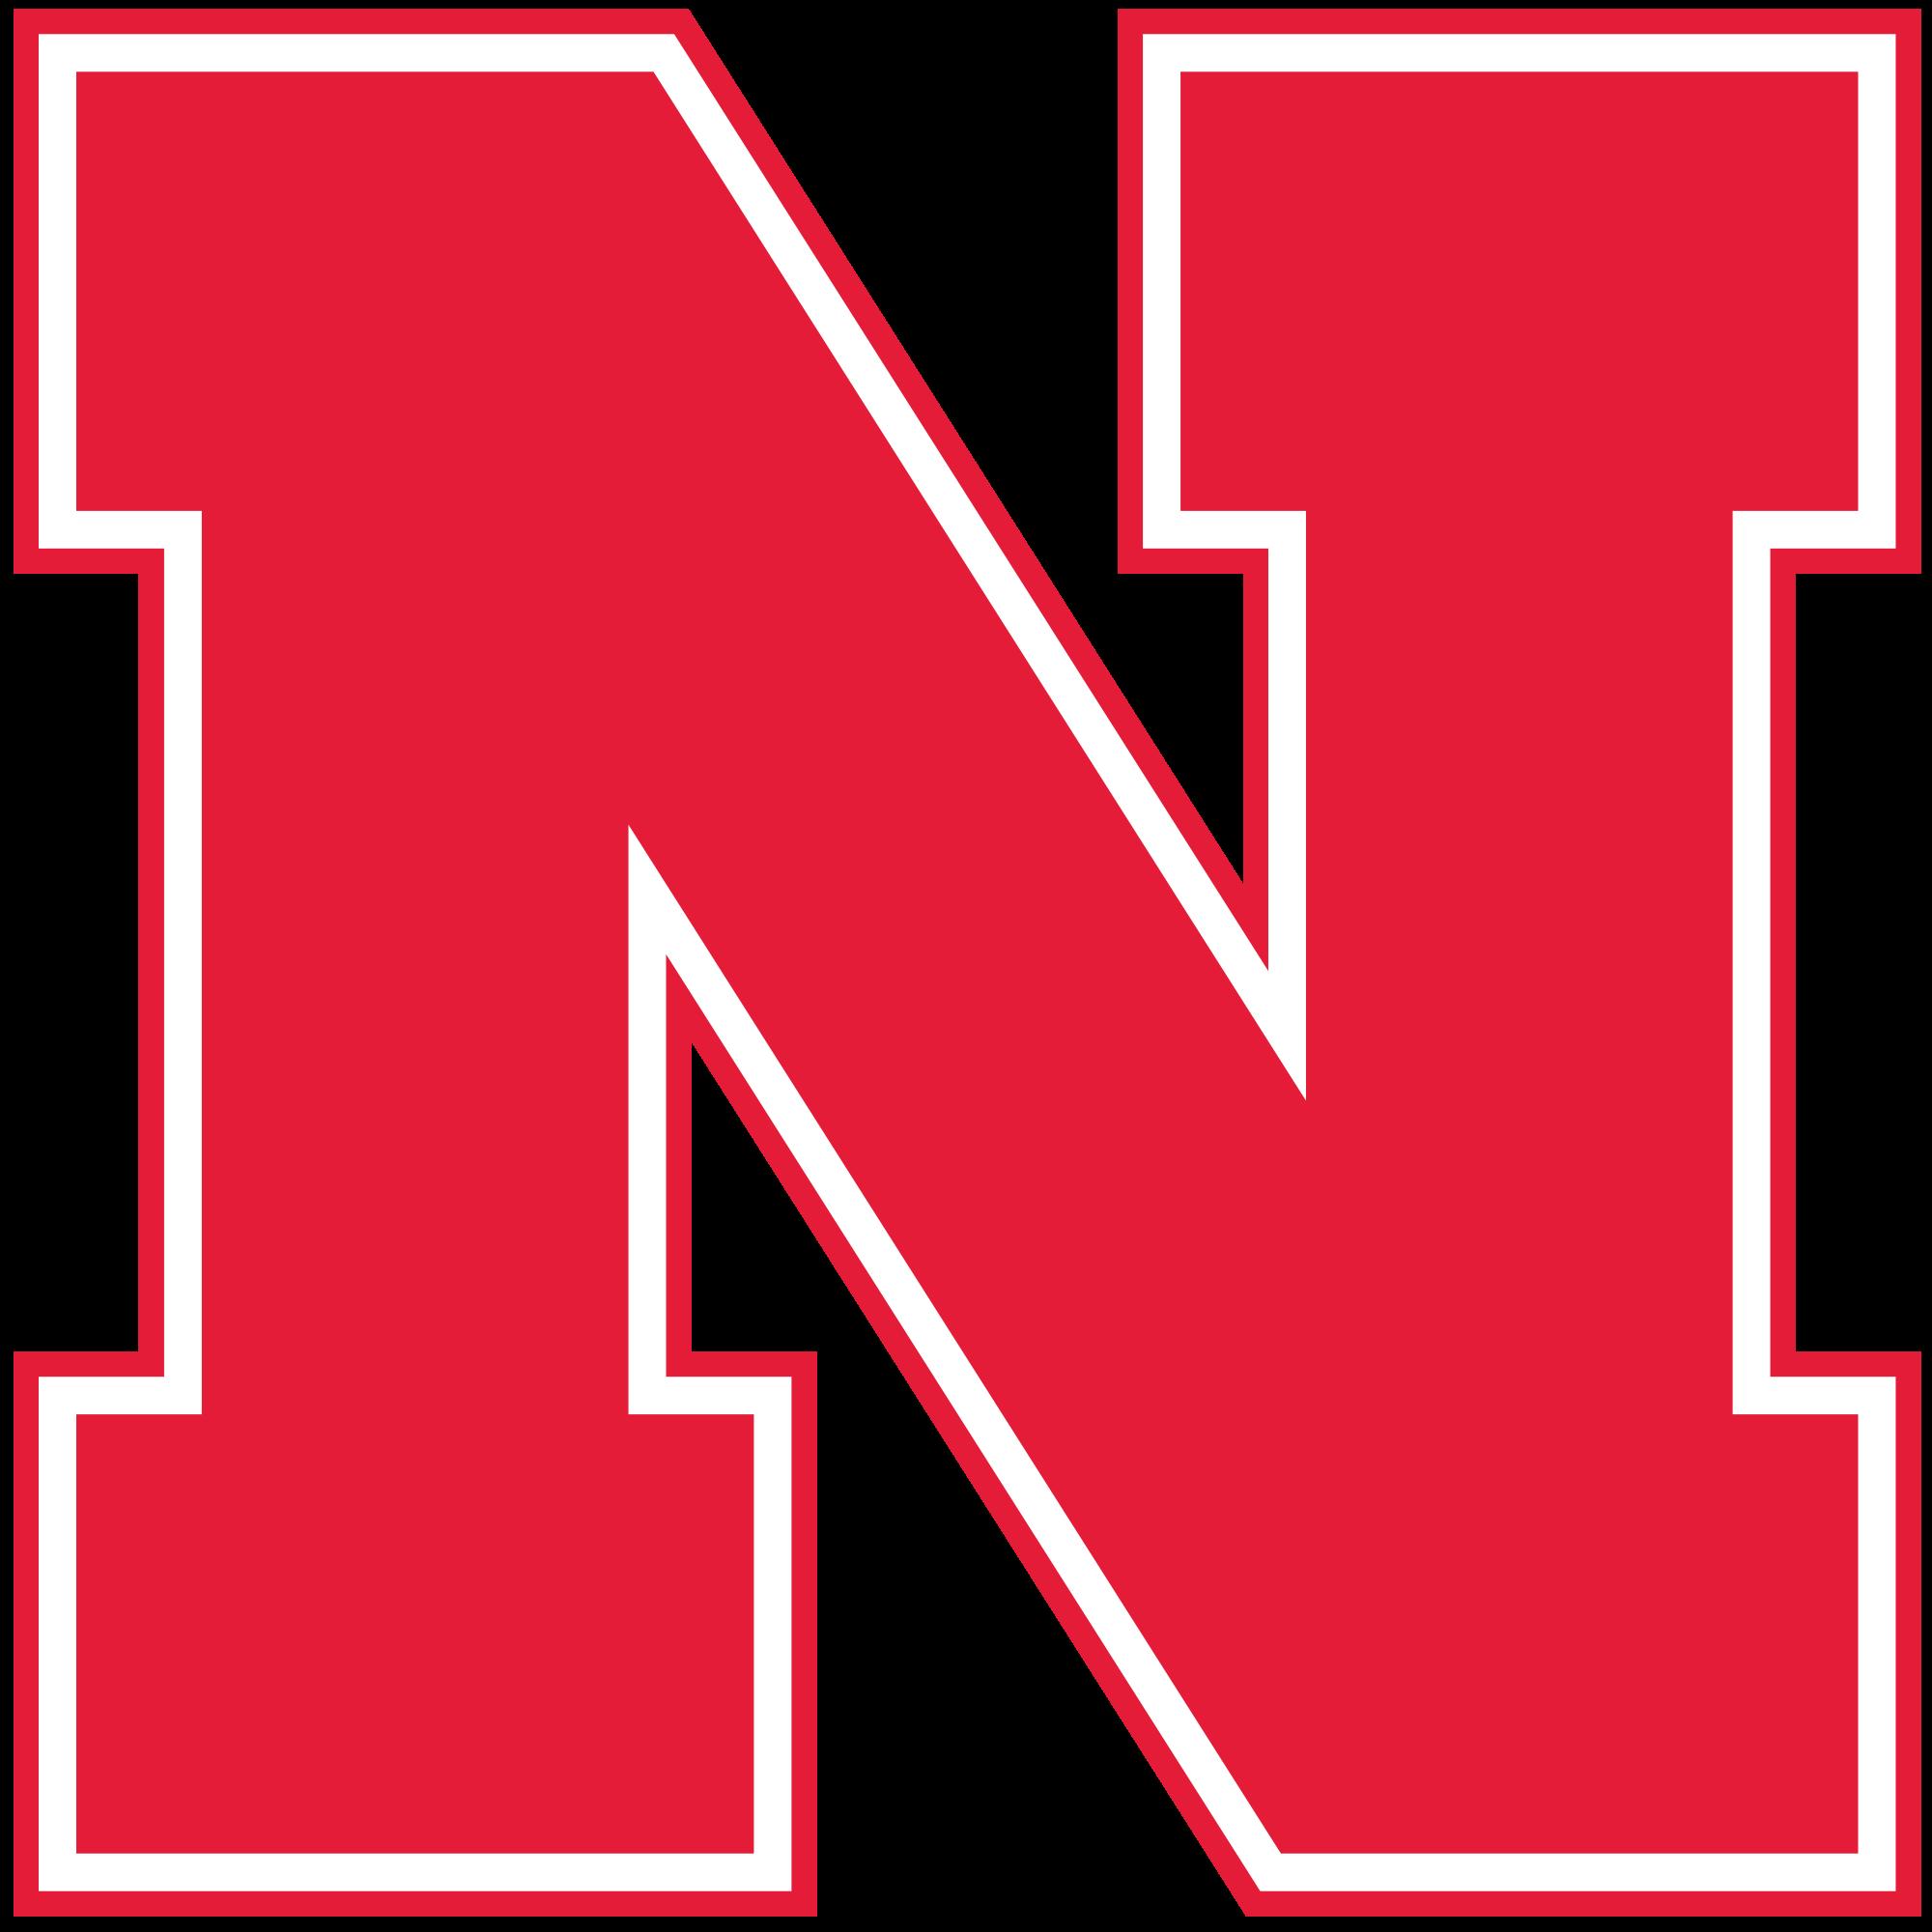 2000px-Nebraska_Cornhuskers_logo.svg.png